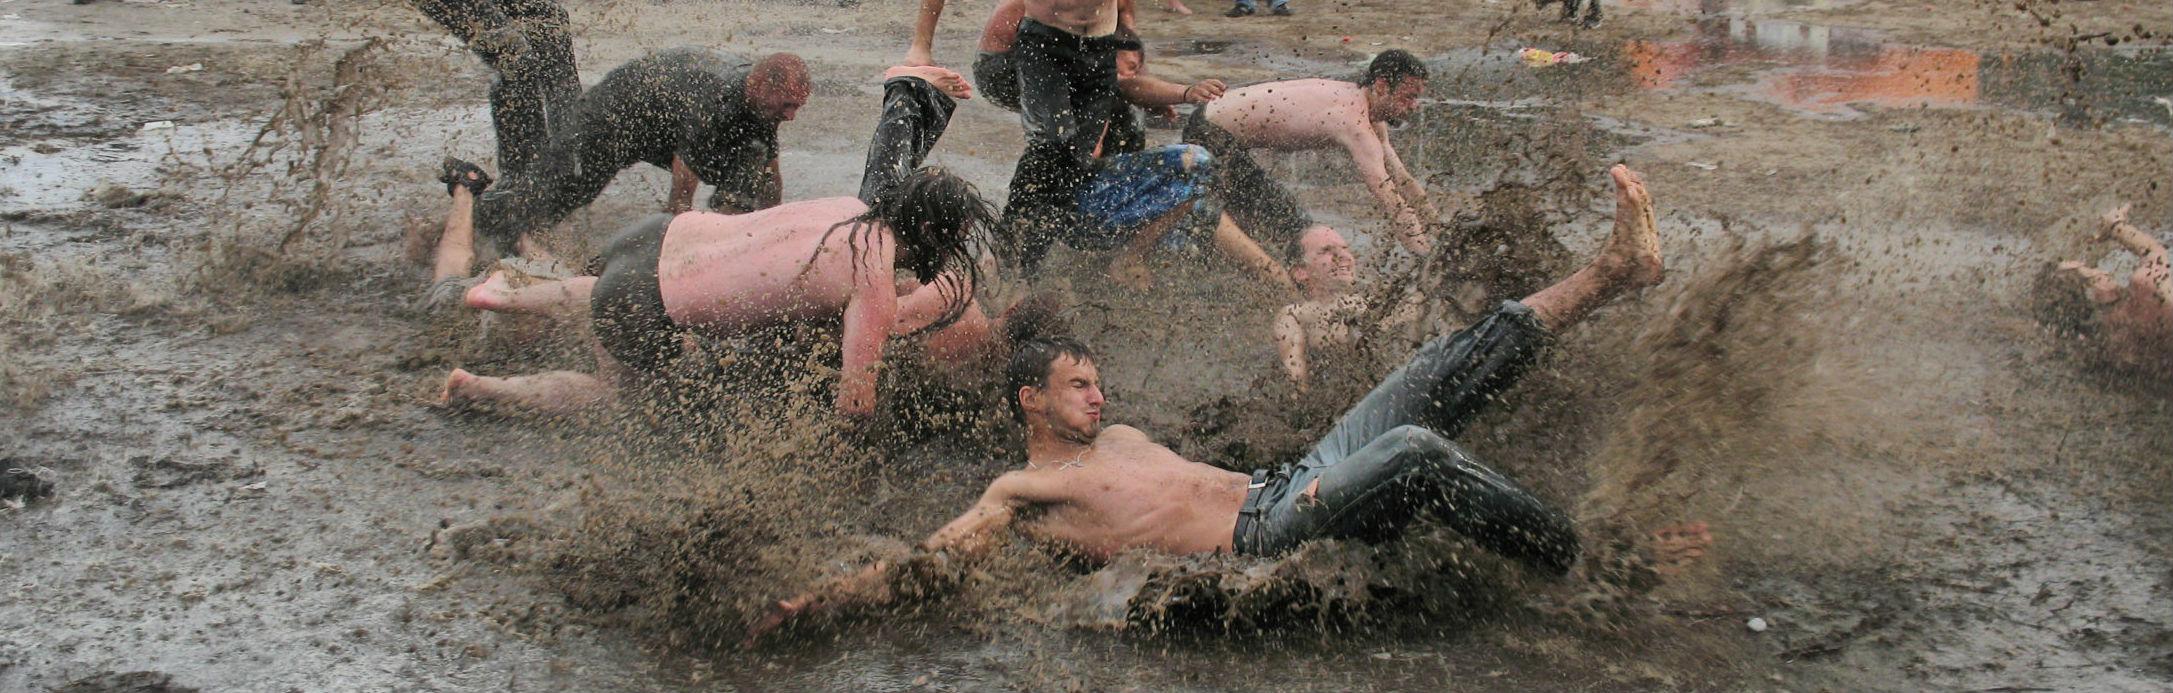 People in mud